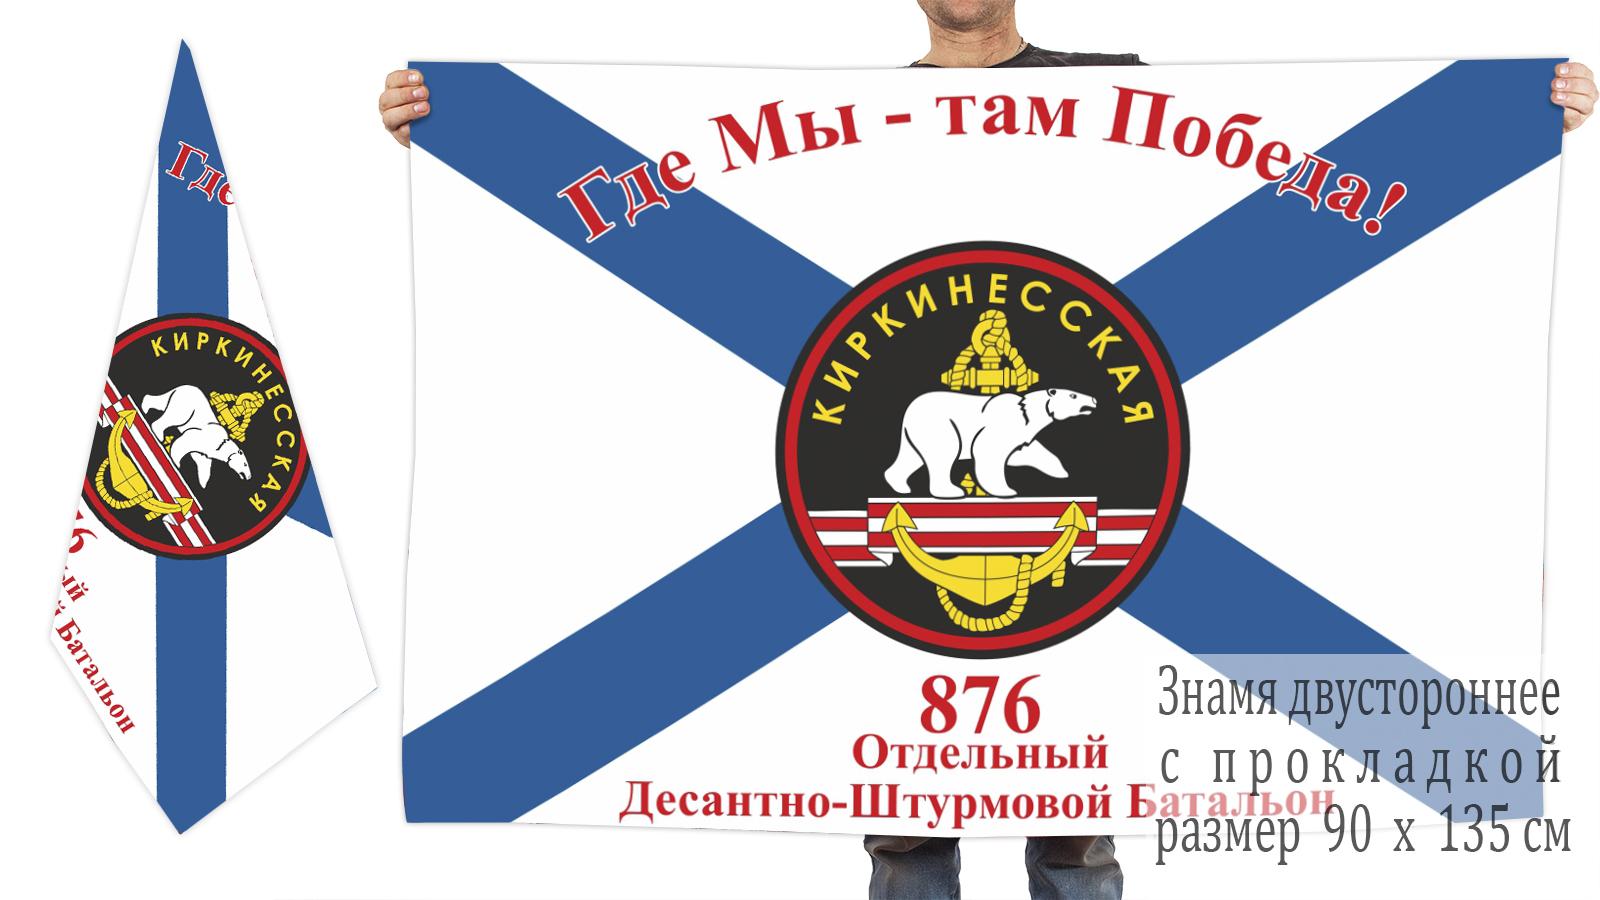 Двусторонний флаг 876 отдельного десантно-штурмового батальона